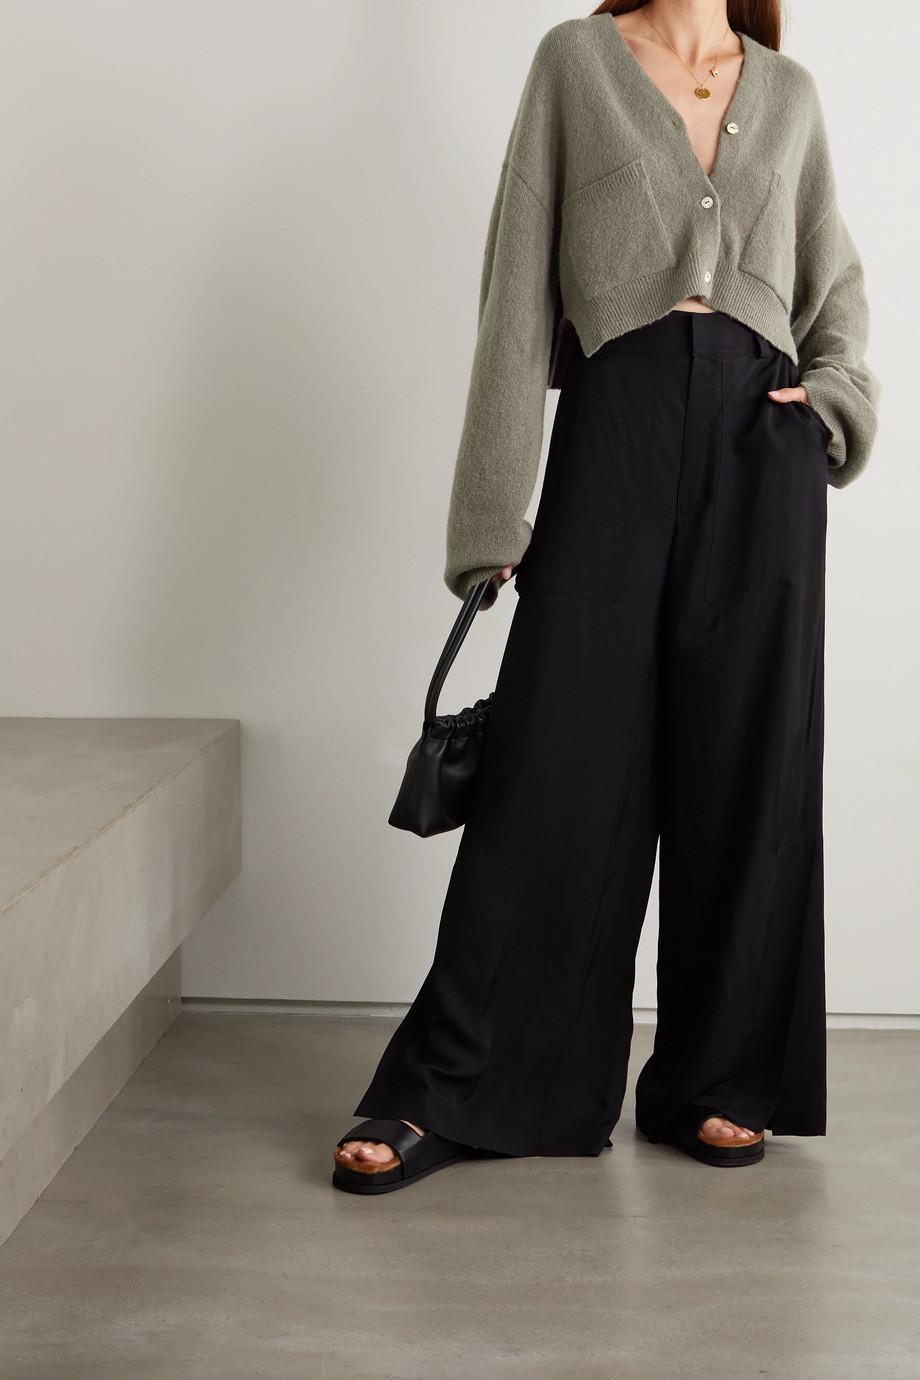 Nanushka Effie Cardigan aus einer Wollmischung